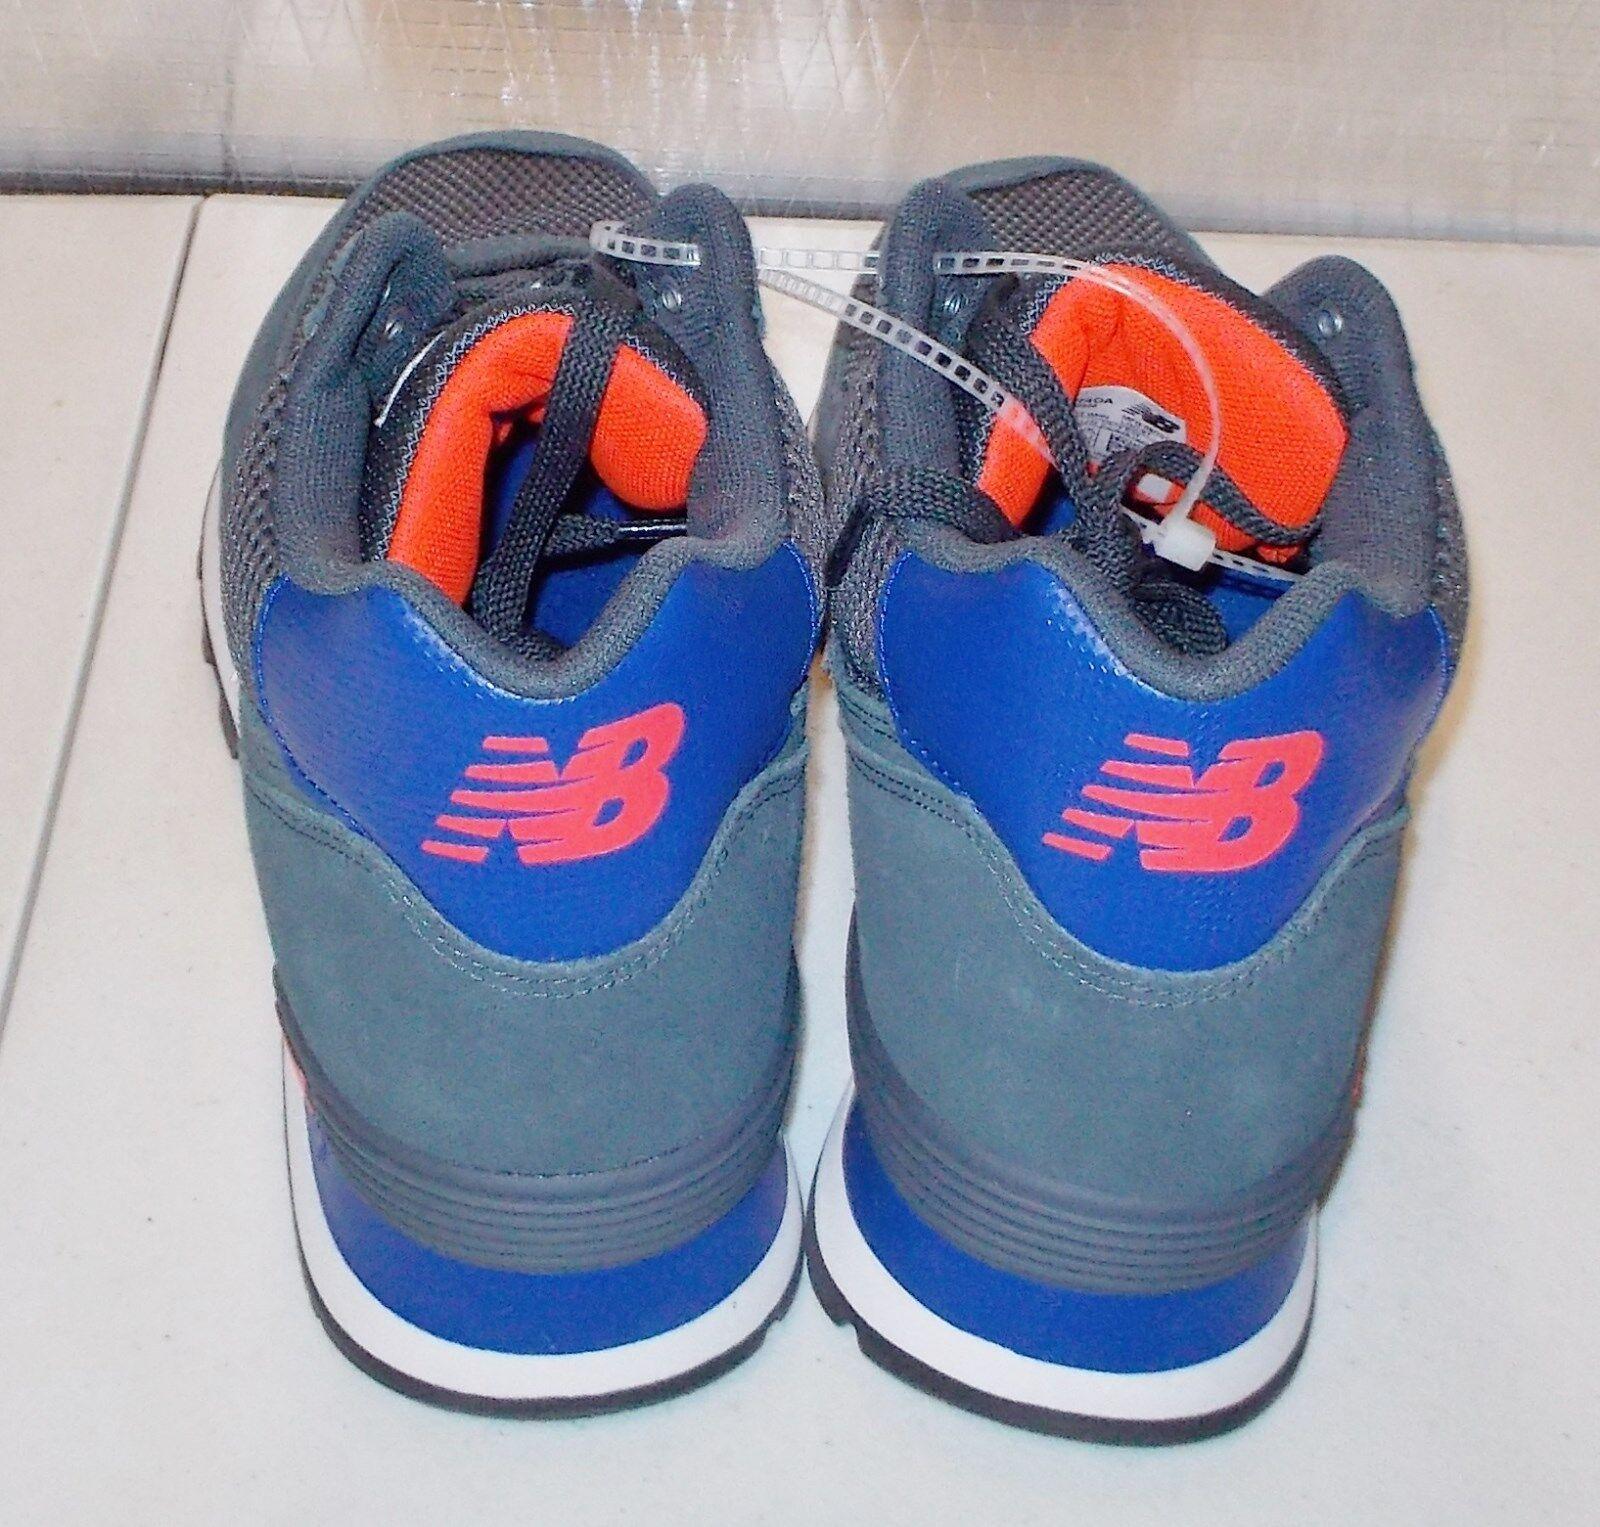 Nuevo Adidas Hombre Blanco y Negro  Zapatillas Eqt Soporte RF Cordones Zapatillas  6e626f